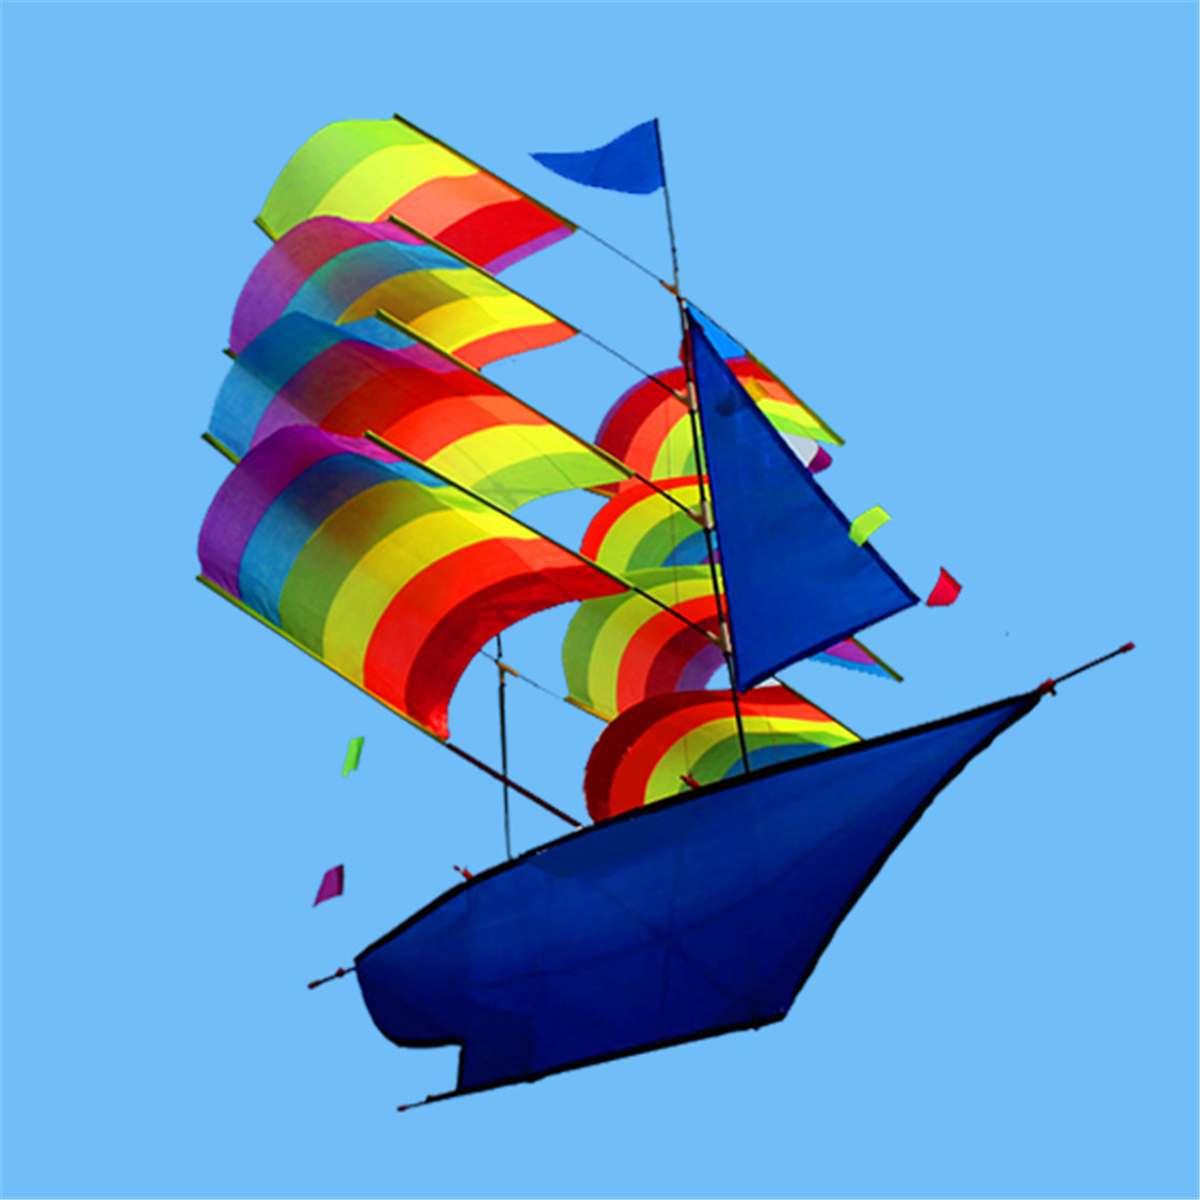 3D arc-en-ciel voilier volant cerf-volant grand plein air amusant Sports jouets enfants jeu activité enfants cadeaux coloré navire cerfs-volants